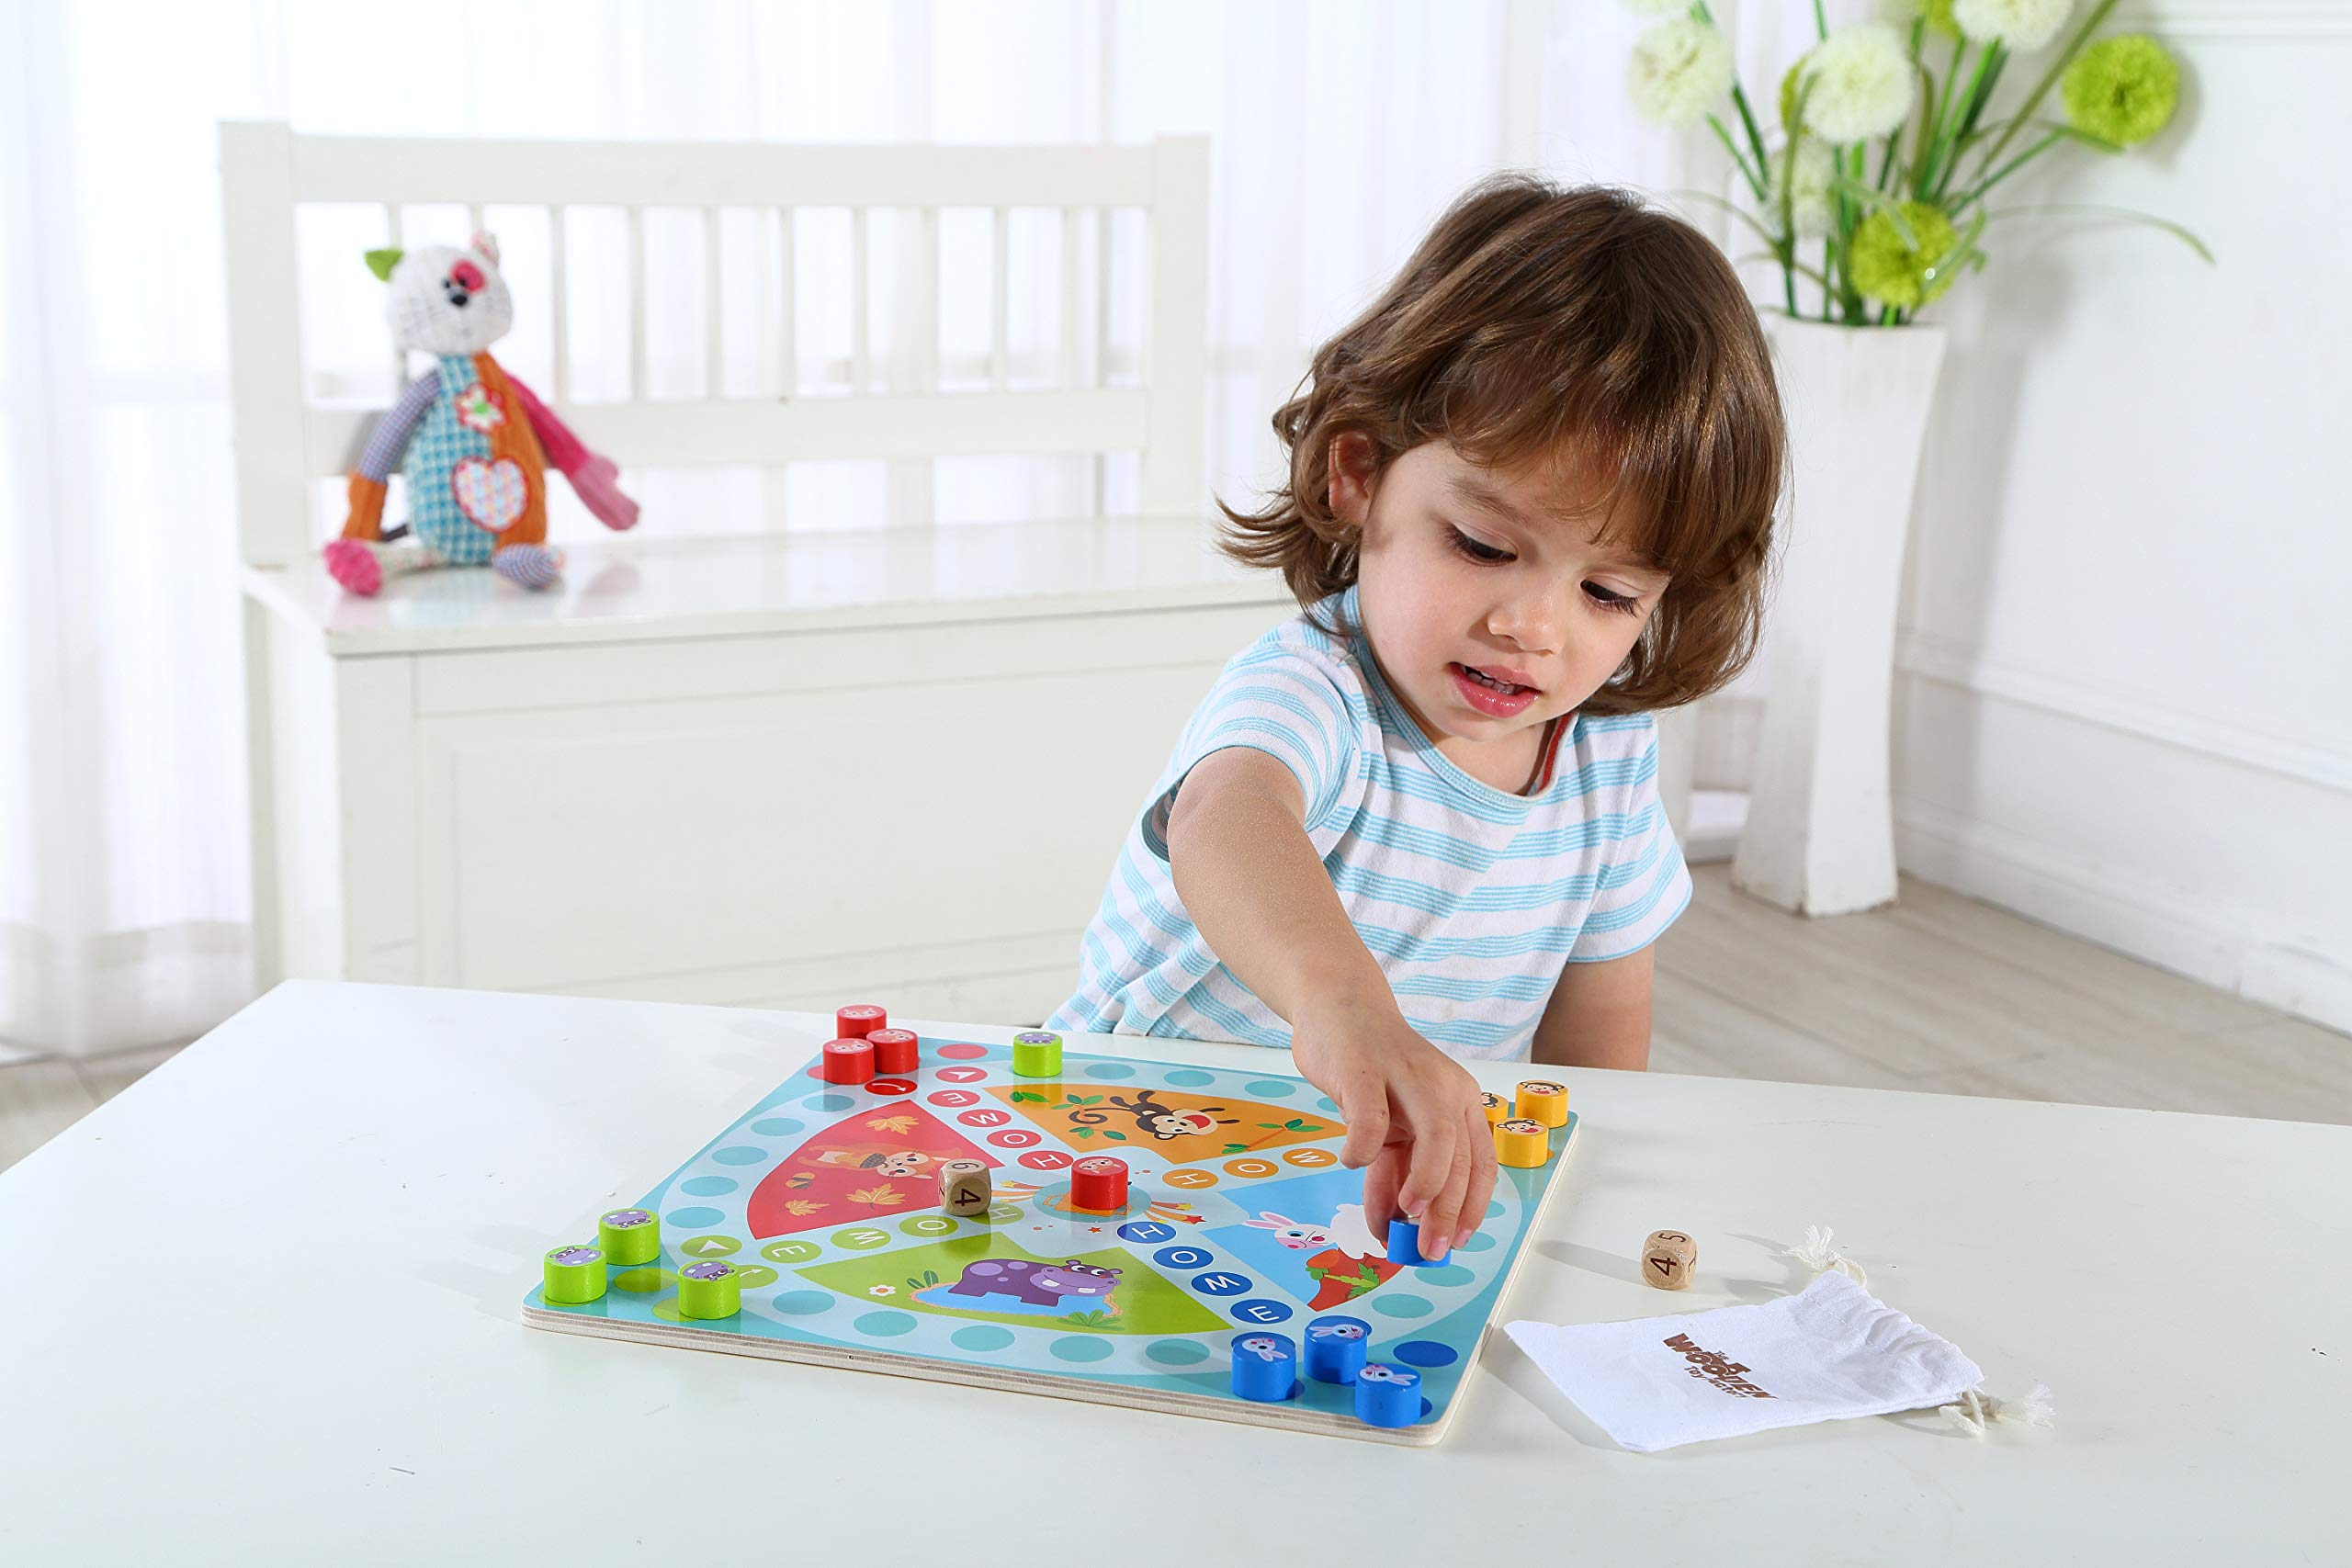 The Wooden Toy Factory - Juego de Mesa de Madera 2 en 1 - Serpientes y Escaleras / Carrera a Casa - Bono: Incluye Bolsa de Transporte para Fichas y Dados: Amazon.es: Juguetes y juegos